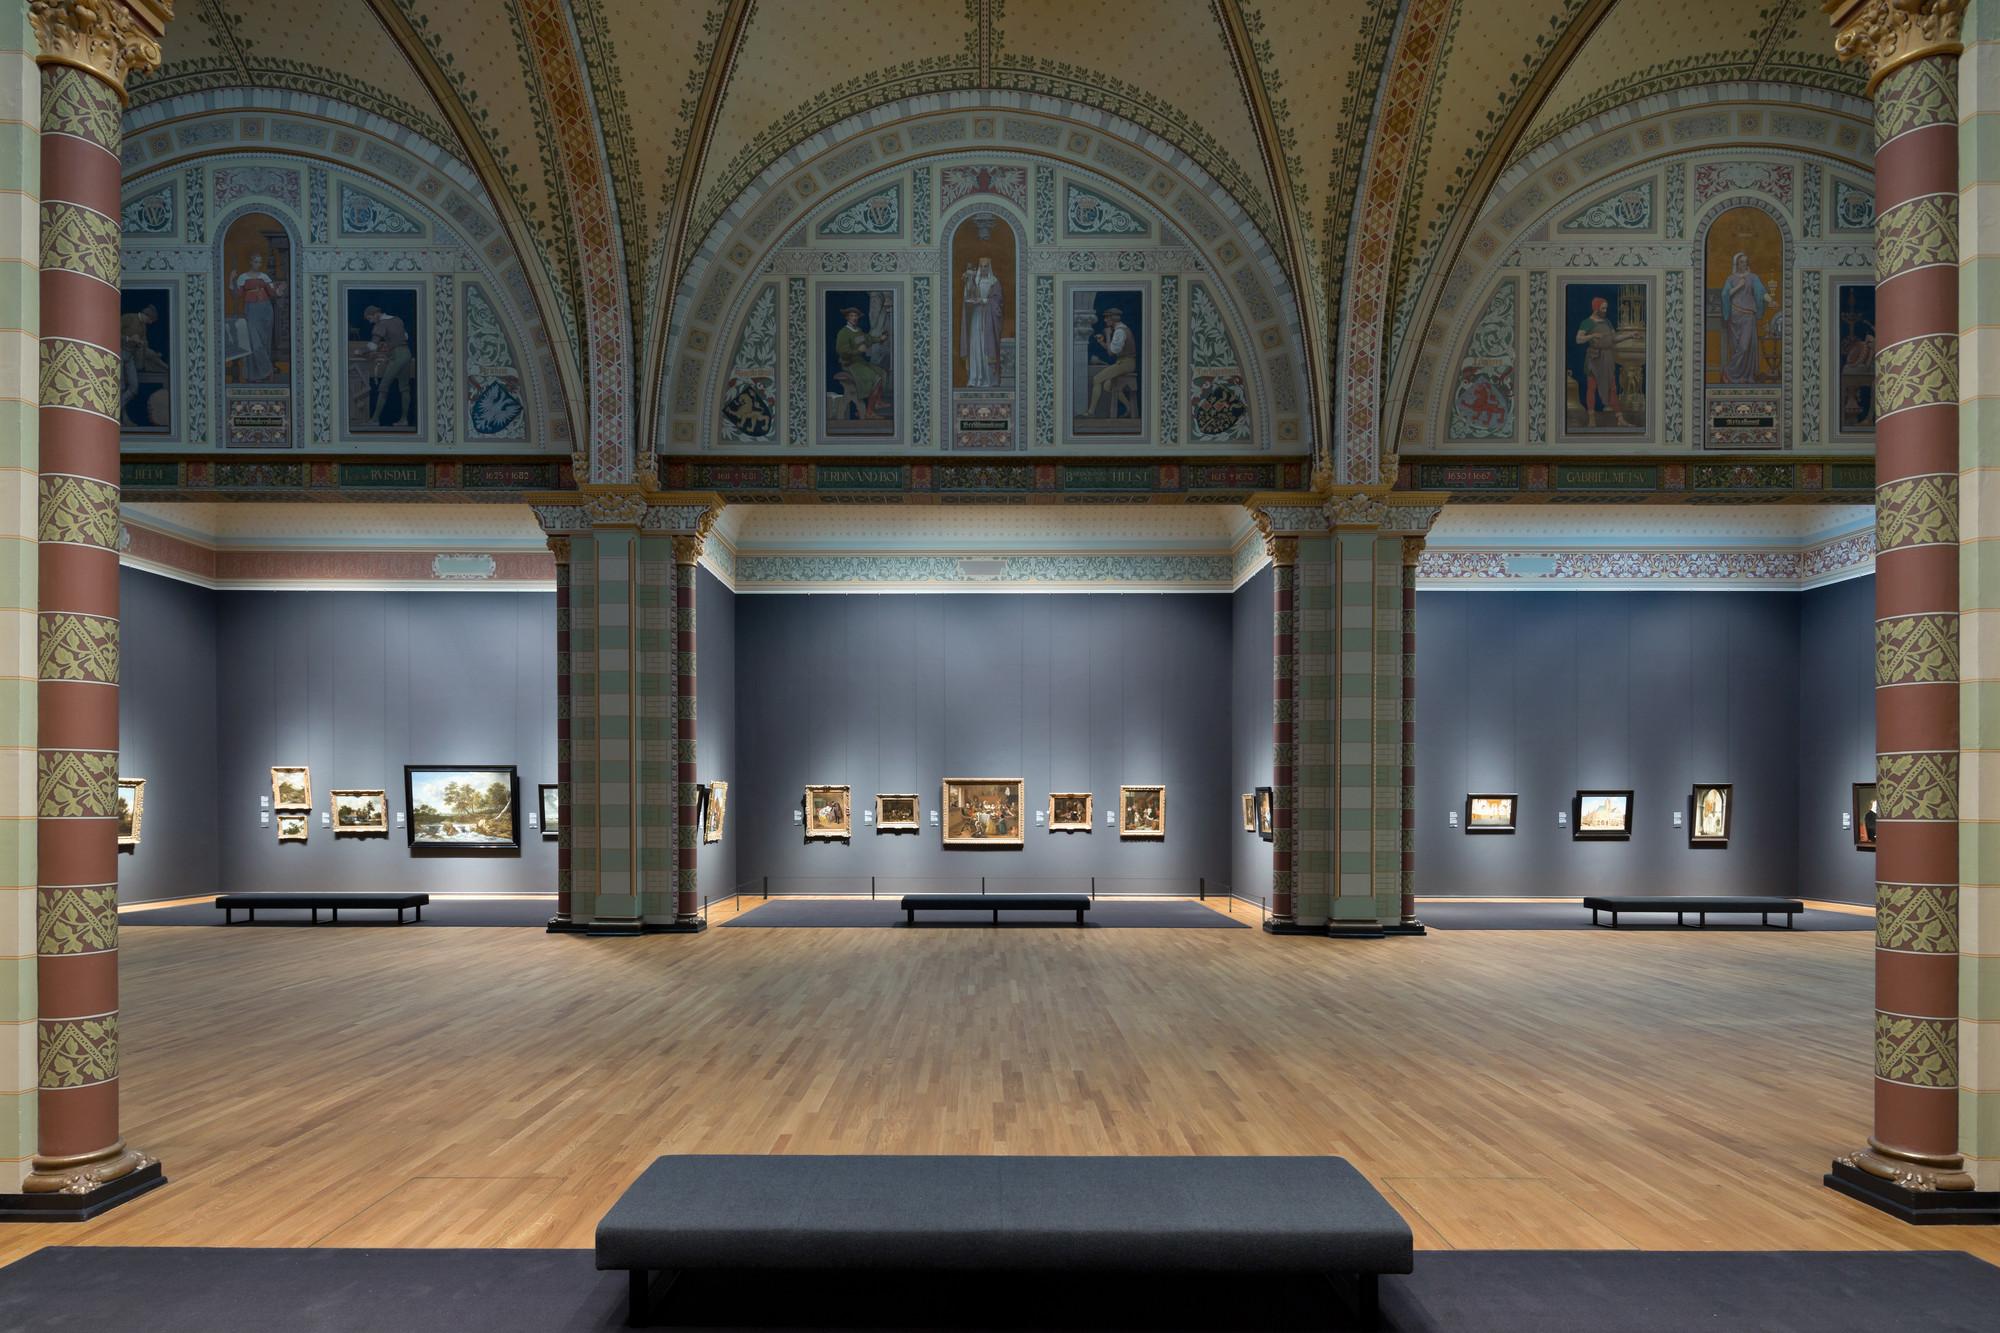 Courtesy of Rijksmuseum / Gallery of Honour. Image © Iwan Baan